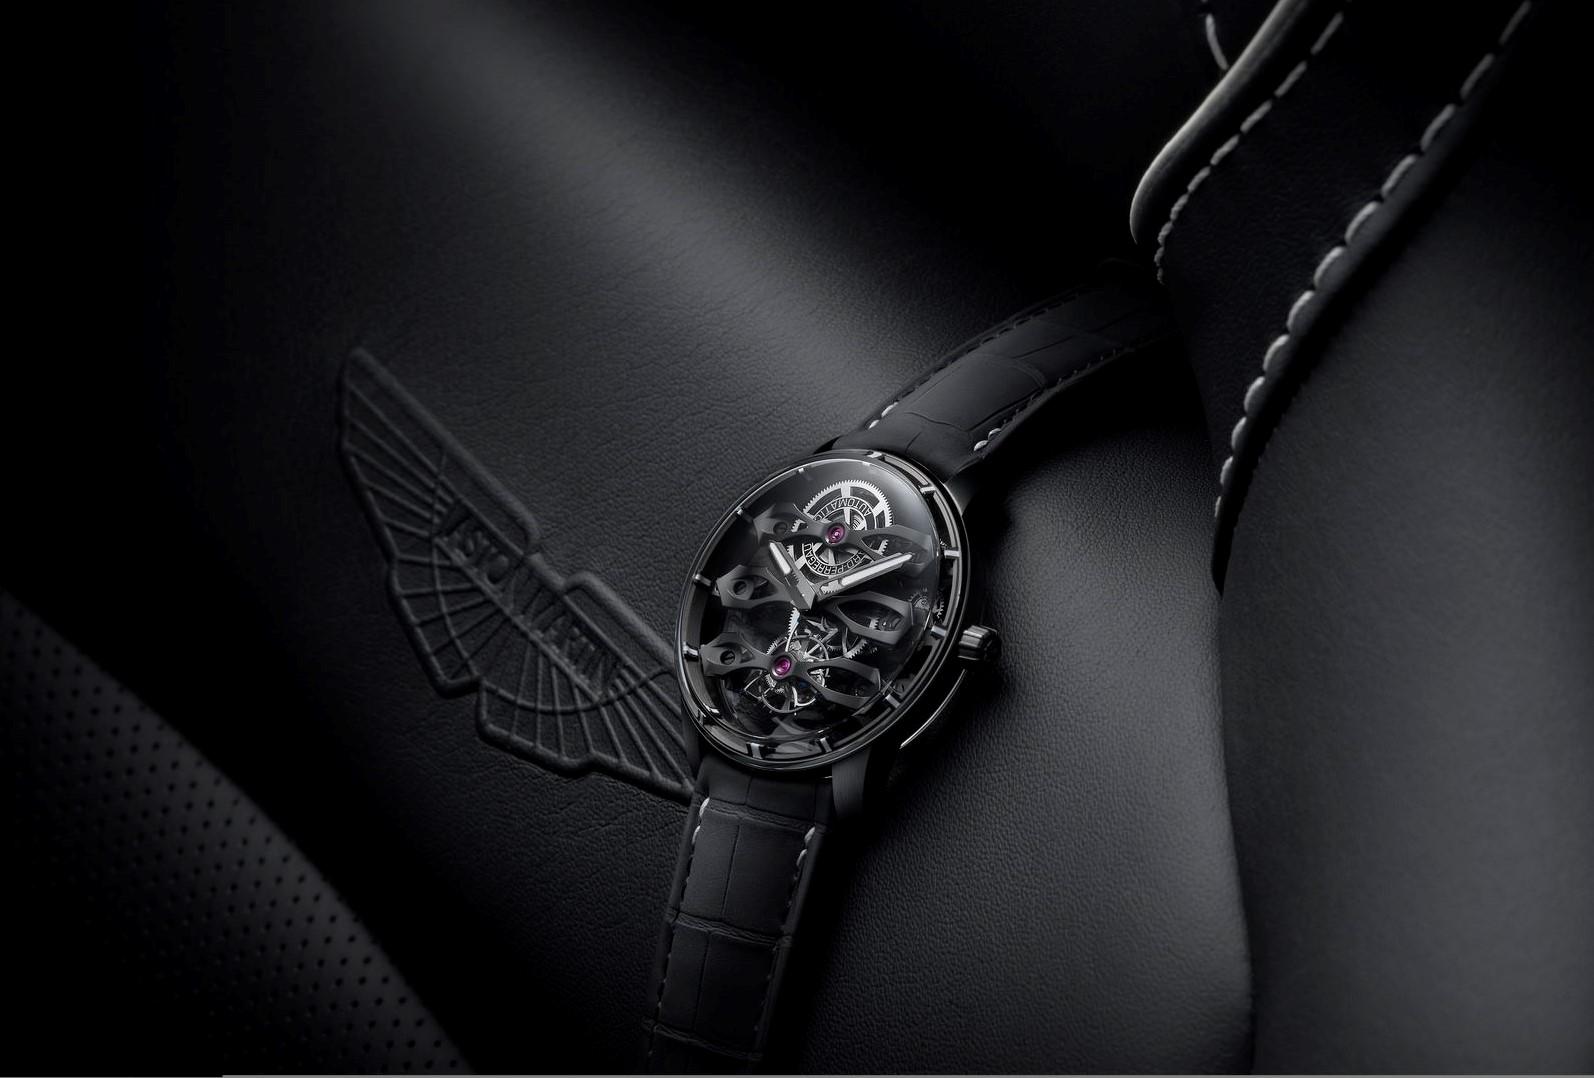 Girard-Perregaux-Tourbillon-with-Three-Flying-Bridges-–-Aston-Martin-Edition-2